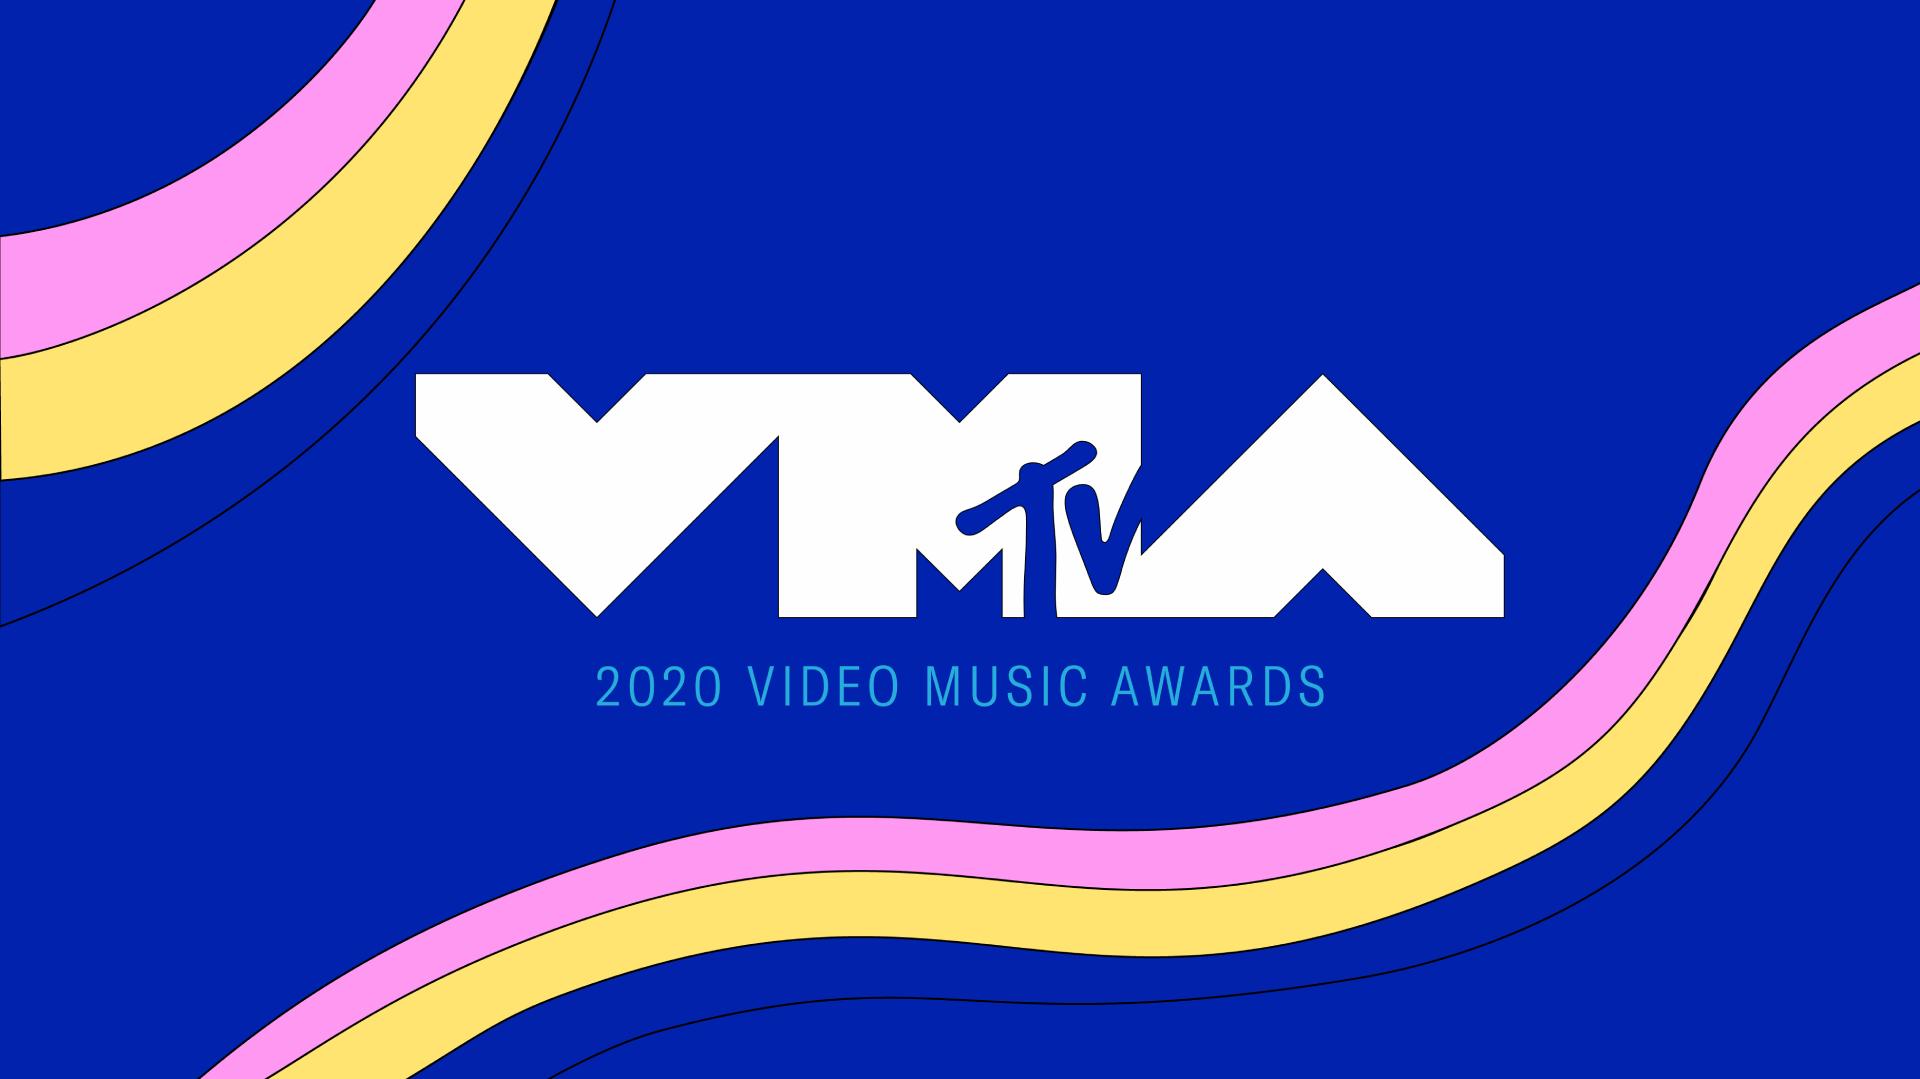 VMA'S 2020